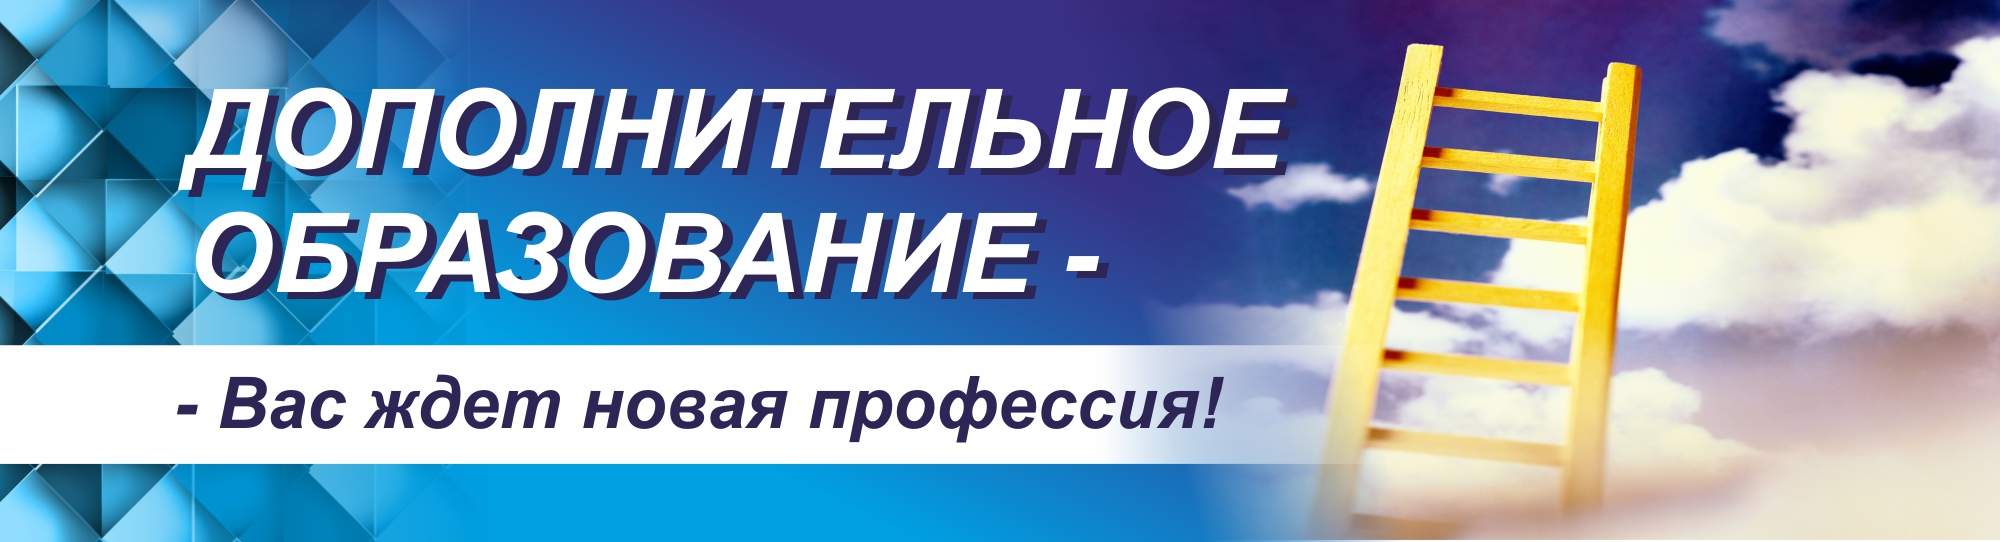 banner-anapa-3